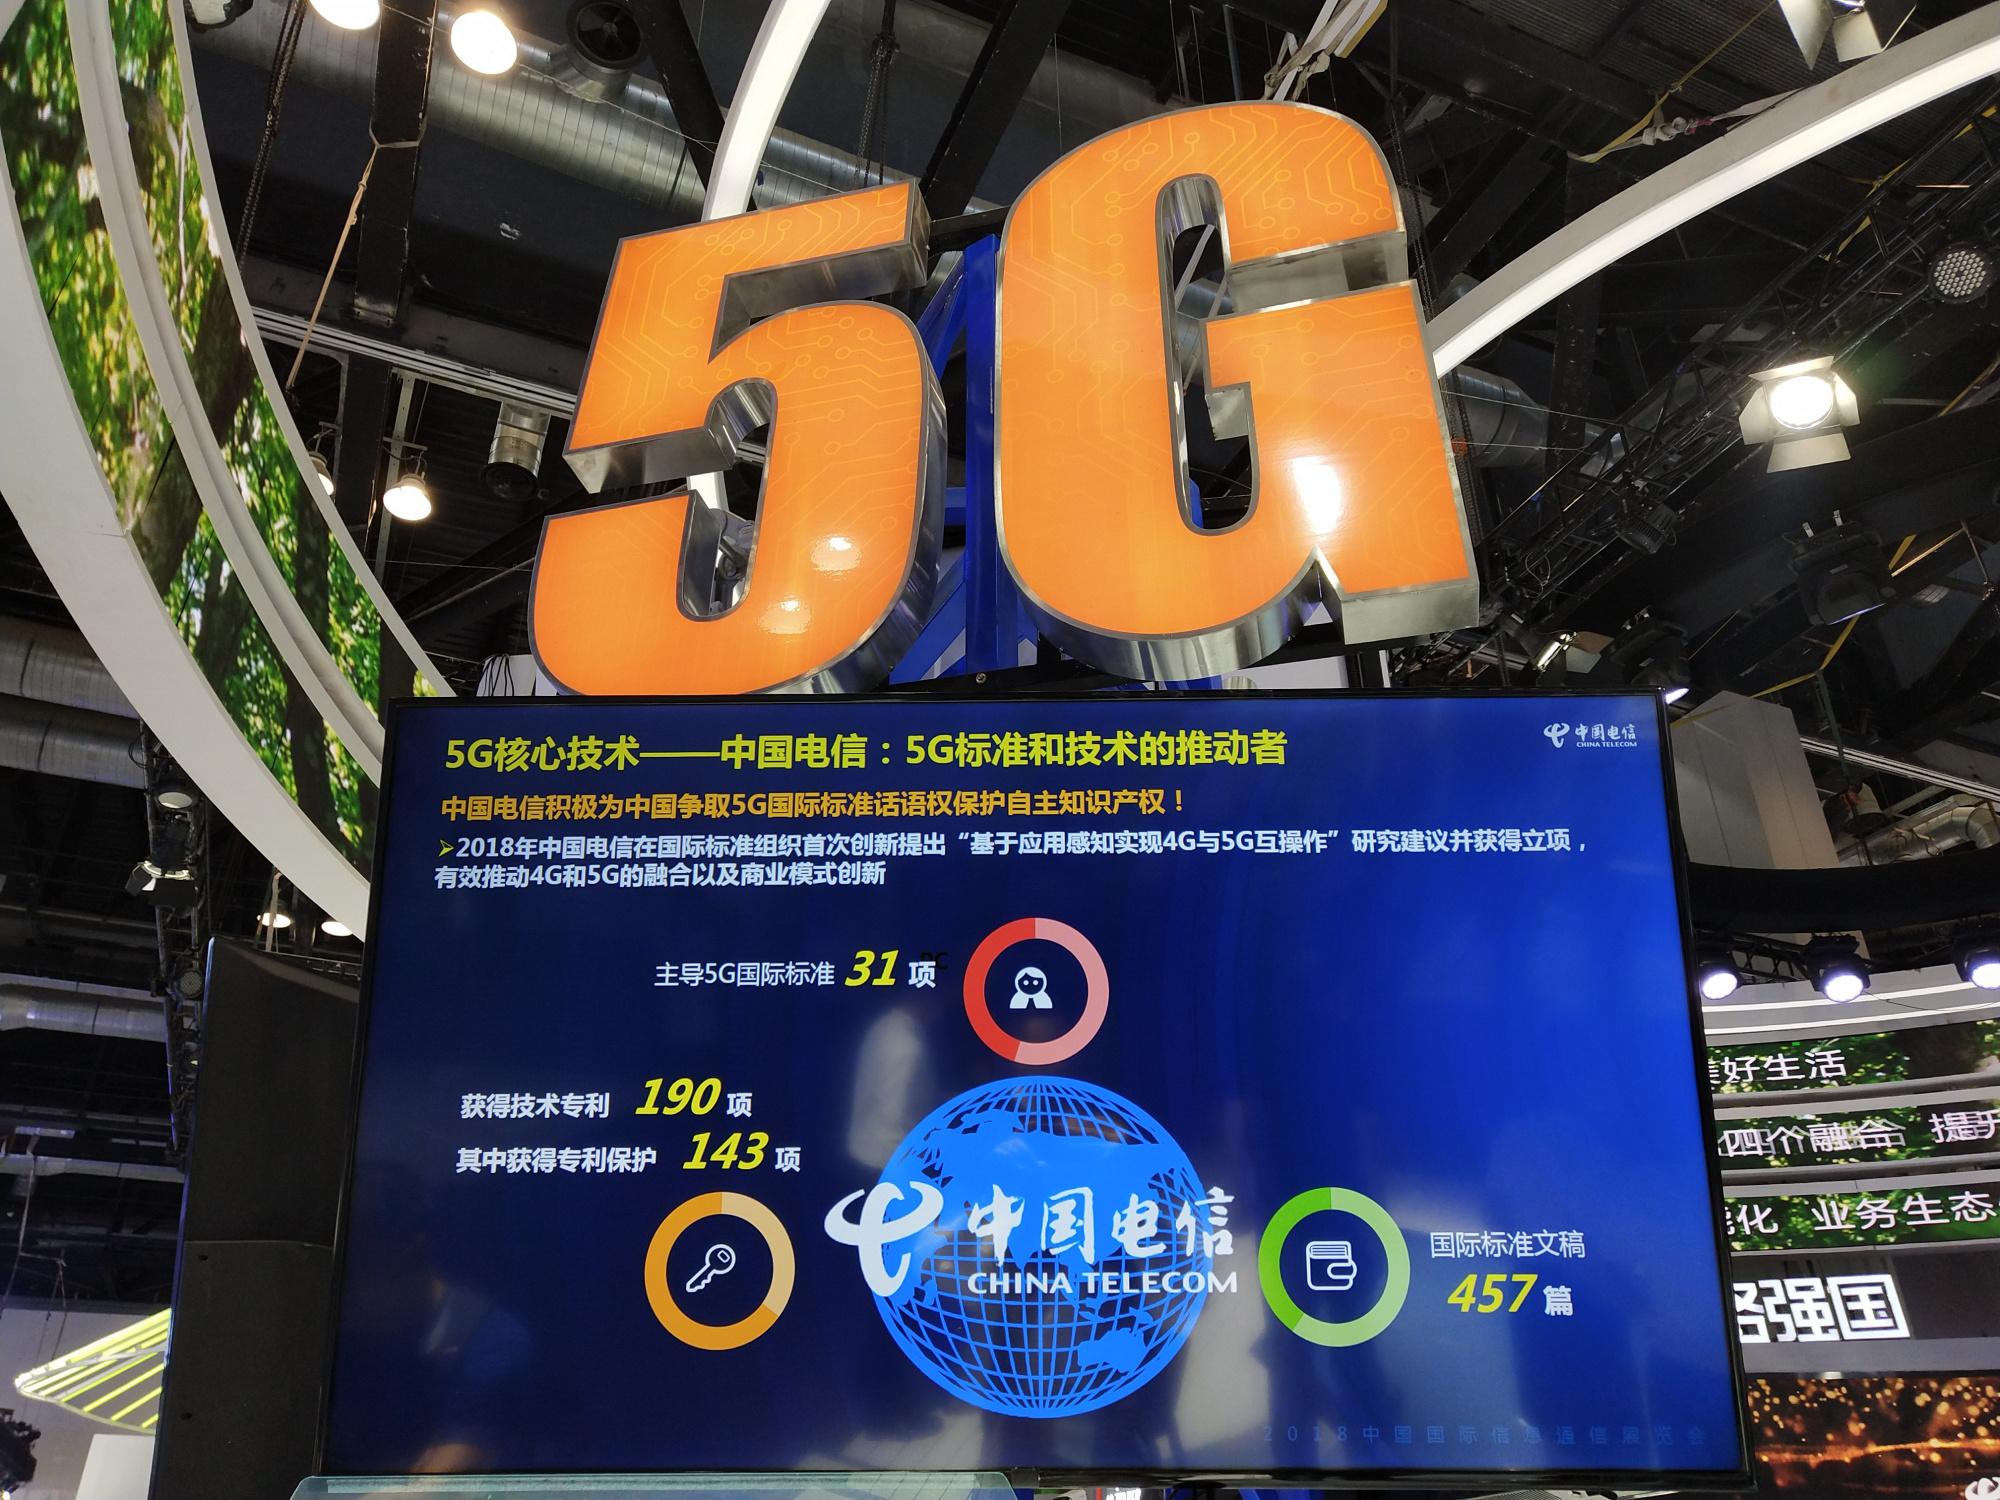 解读三大运营商8月数据:5G拓展延伸 用户渗透率进一步提升 消费与科技 第4张